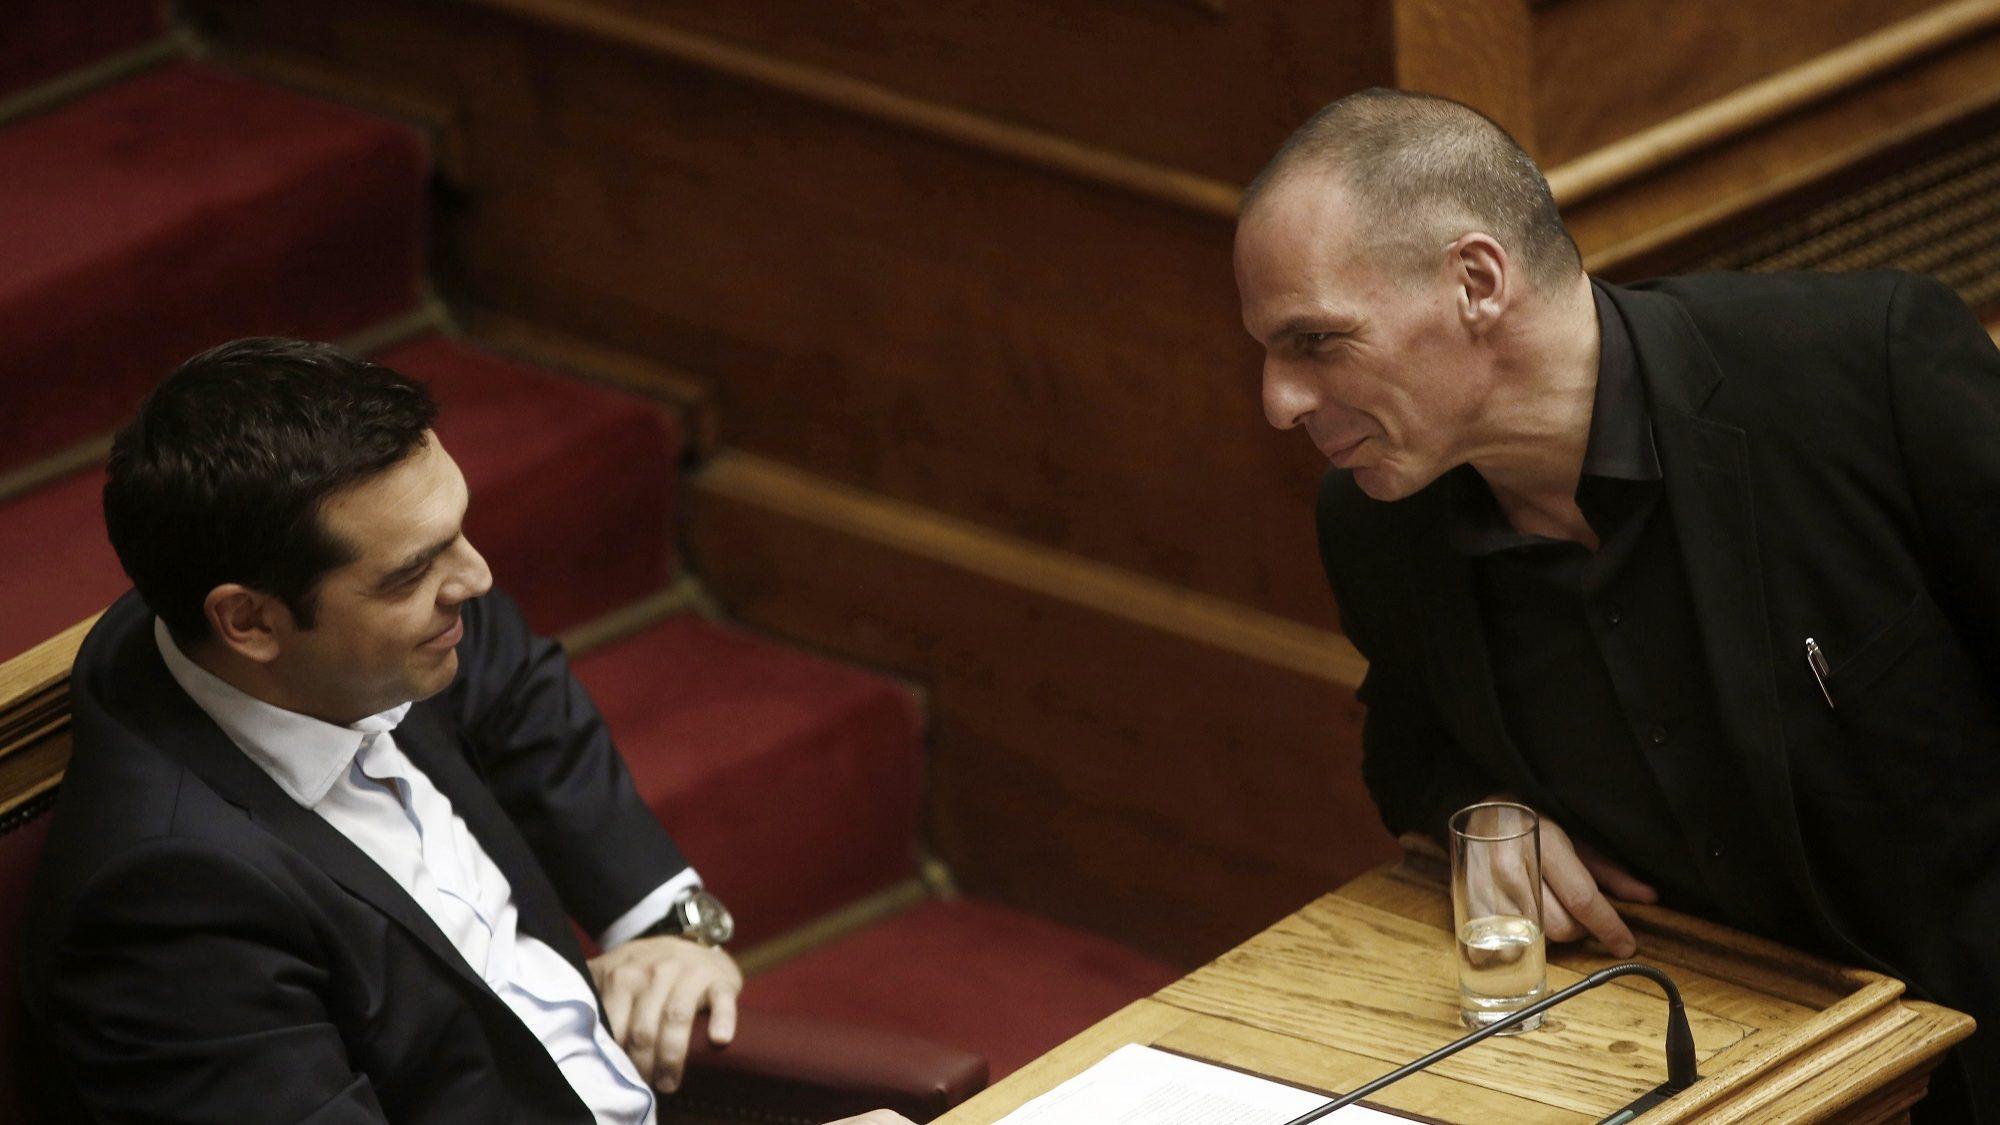 Varoufakis em Lisboa no 25 de abril. Vai descer a Avenida da Liberdade